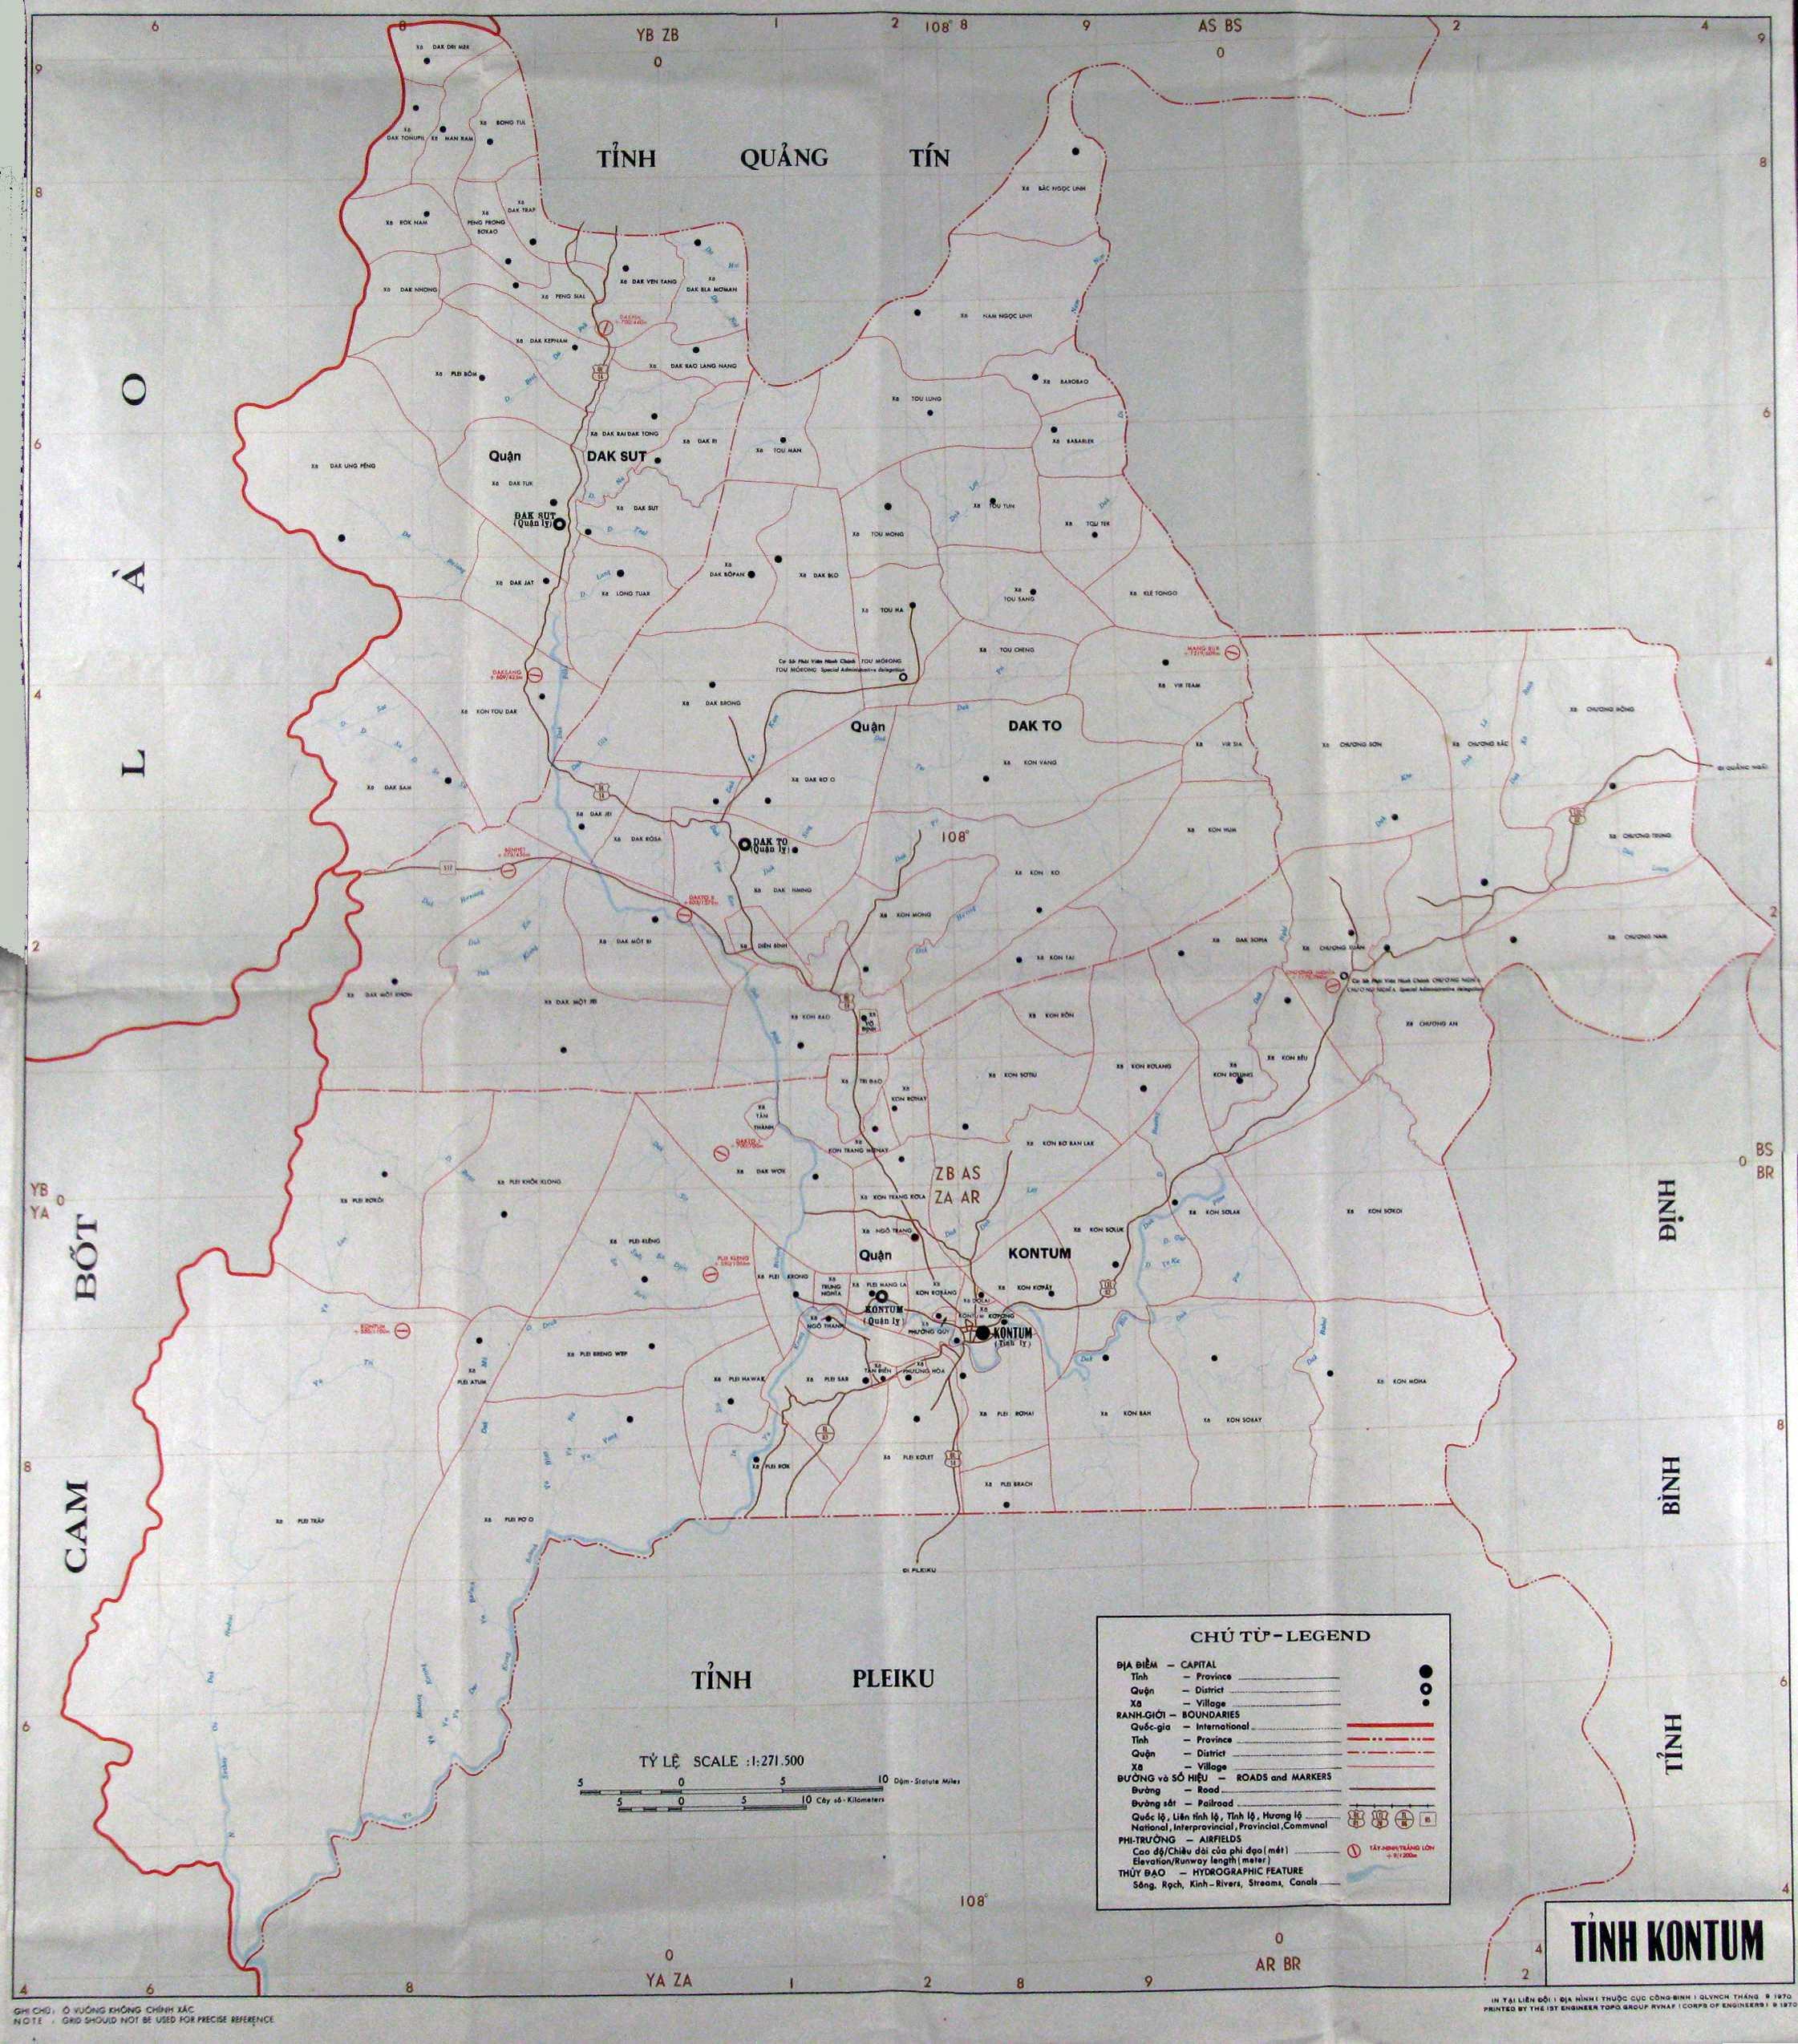 Map of the Plieku Area